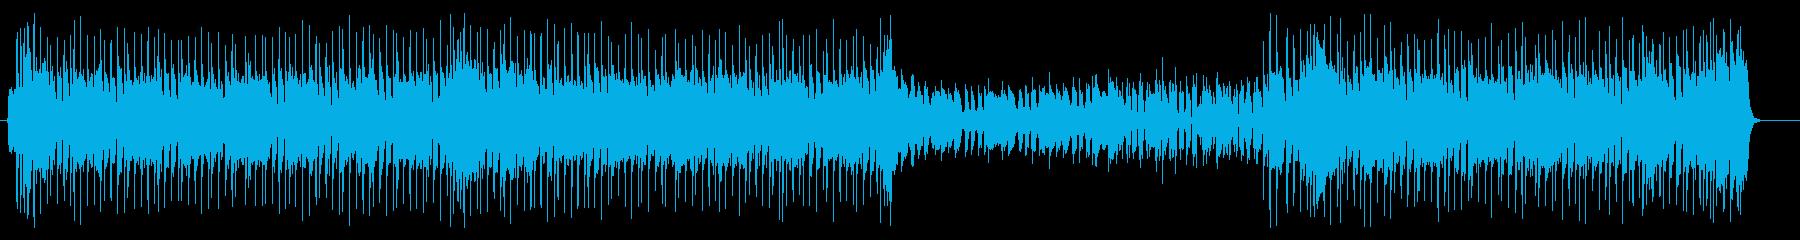 キャッチ-で、明るいハードロックギター!の再生済みの波形